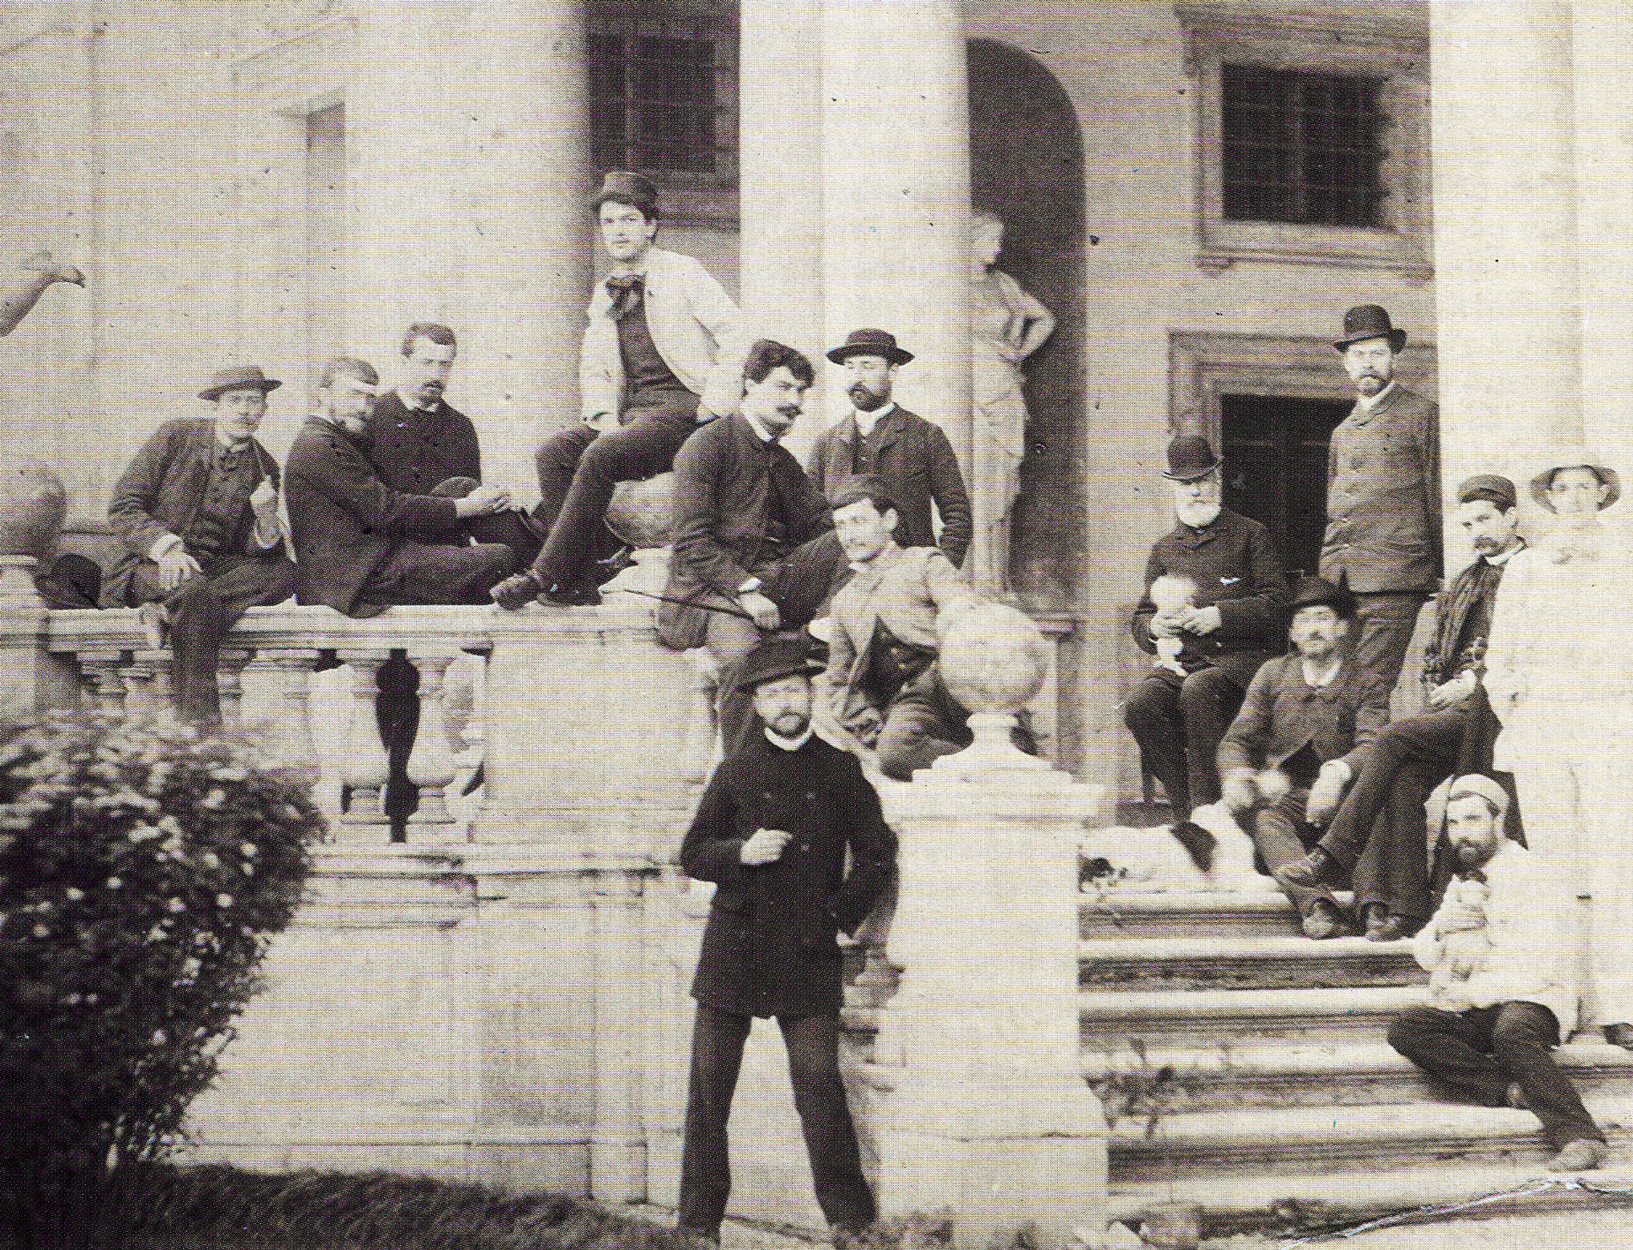 Claude Debussy (Mitte mit weißem Jacket) vor der Viall Medici, 1885